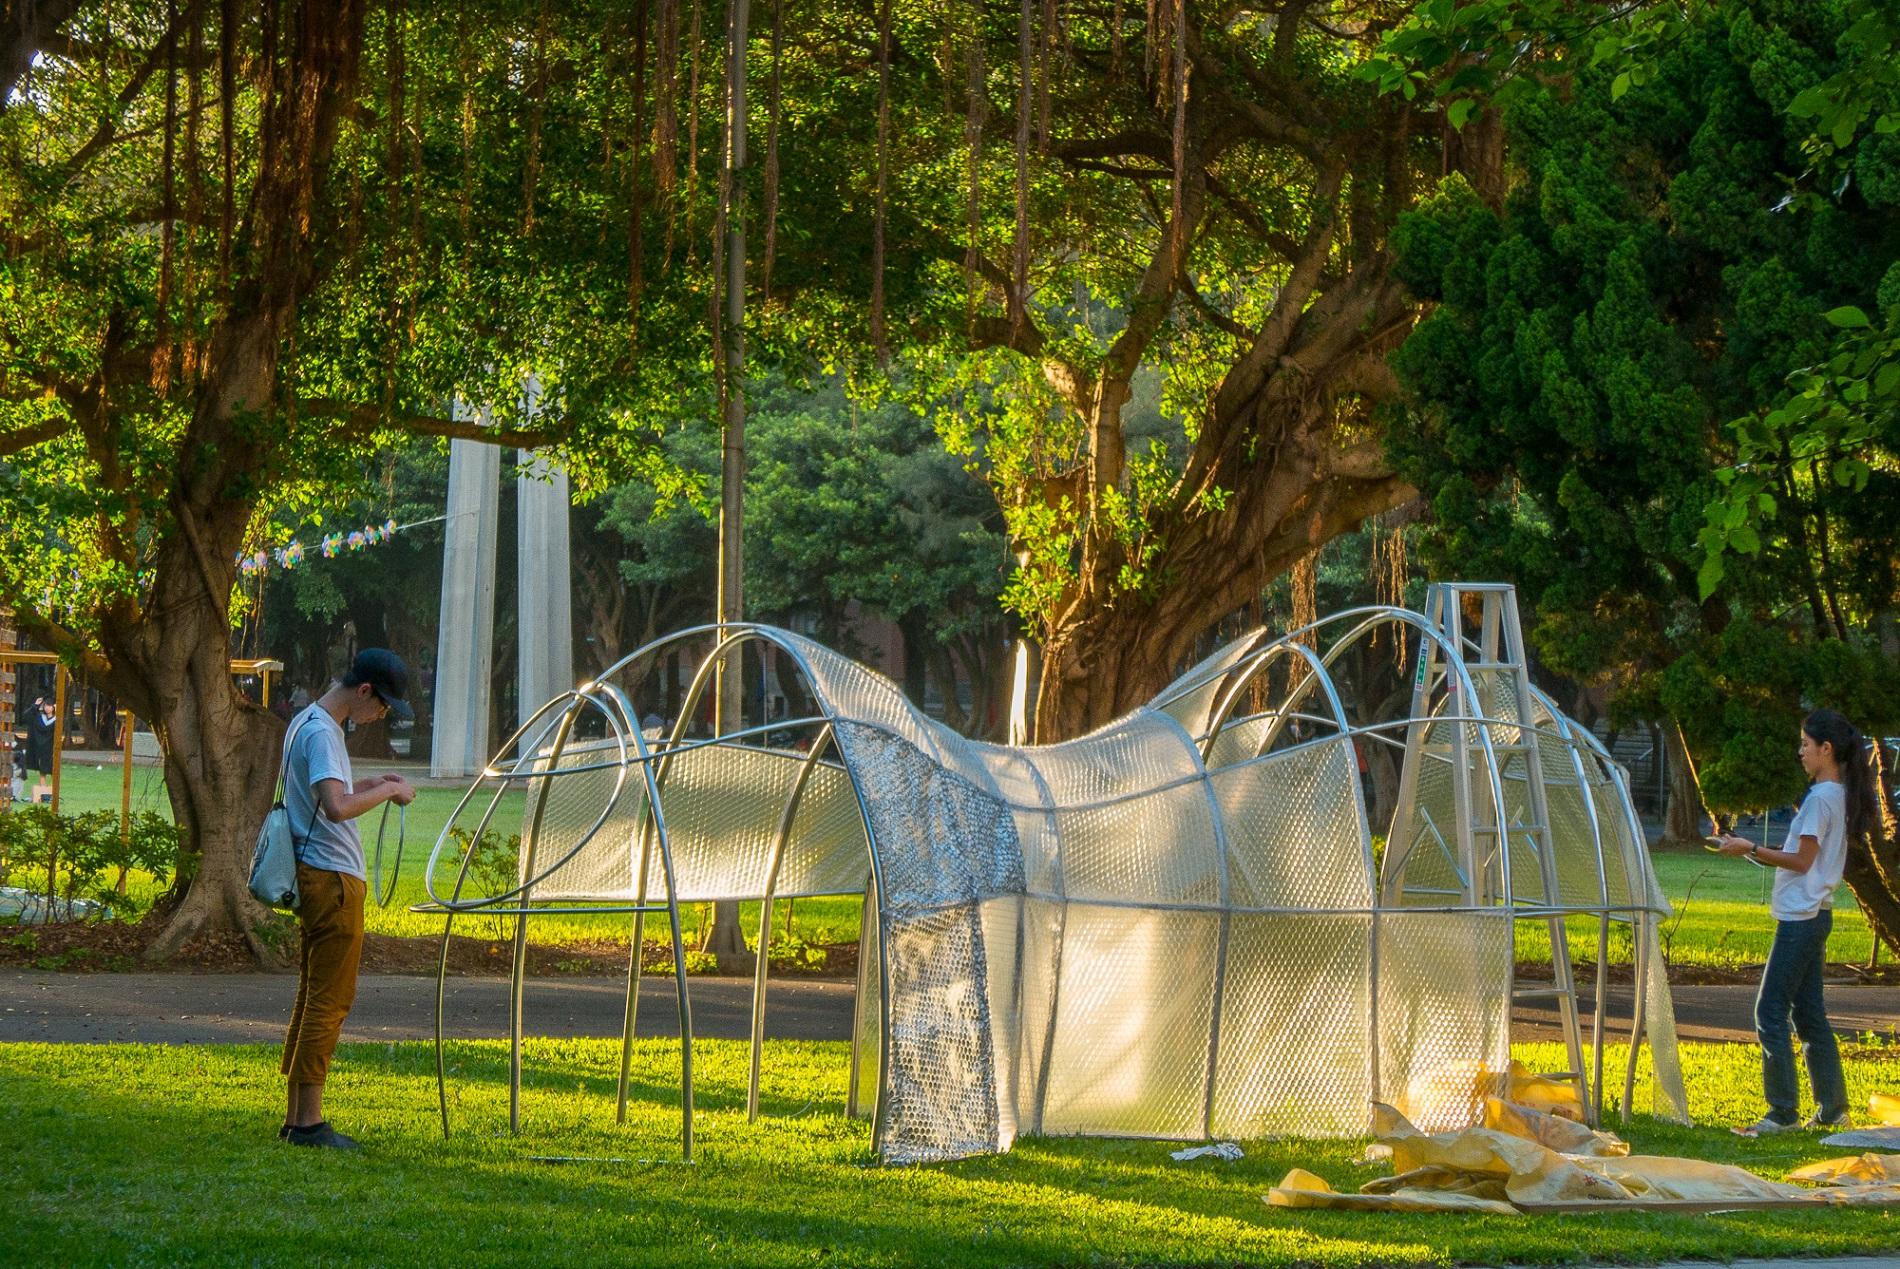 通稿照片6-王俊硯(左)、賴奕竹(右)發揮奇想用氣泡棉為作品「Way_of_the_future」營造另類的科技感.jpg